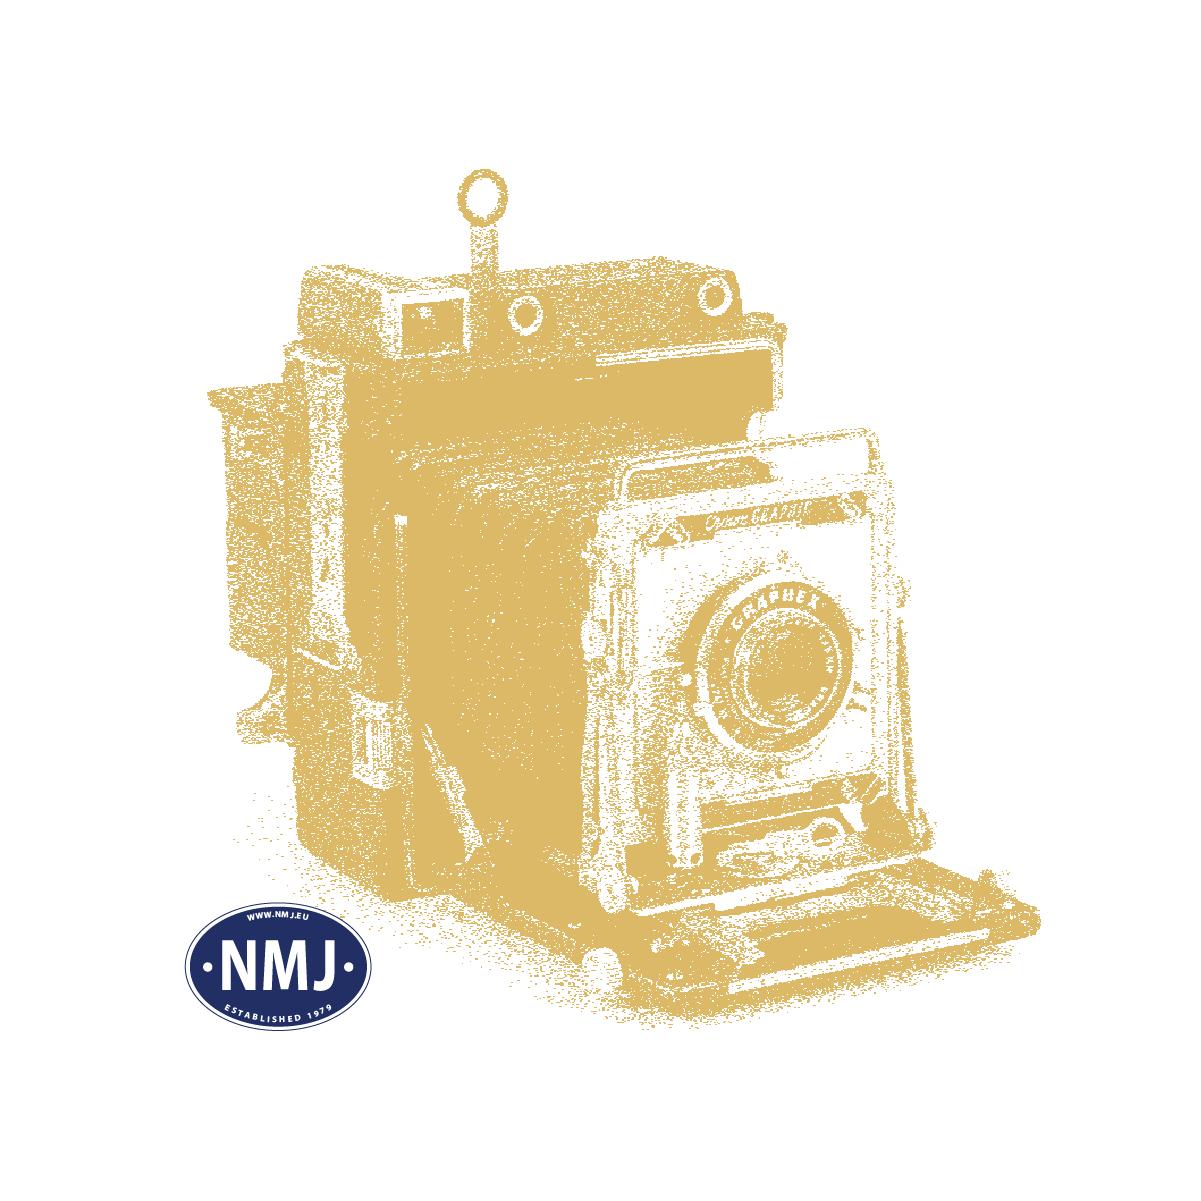 MOE0118 - Modell & Elektronikk 1/2018, Teknisk Hobbyblad